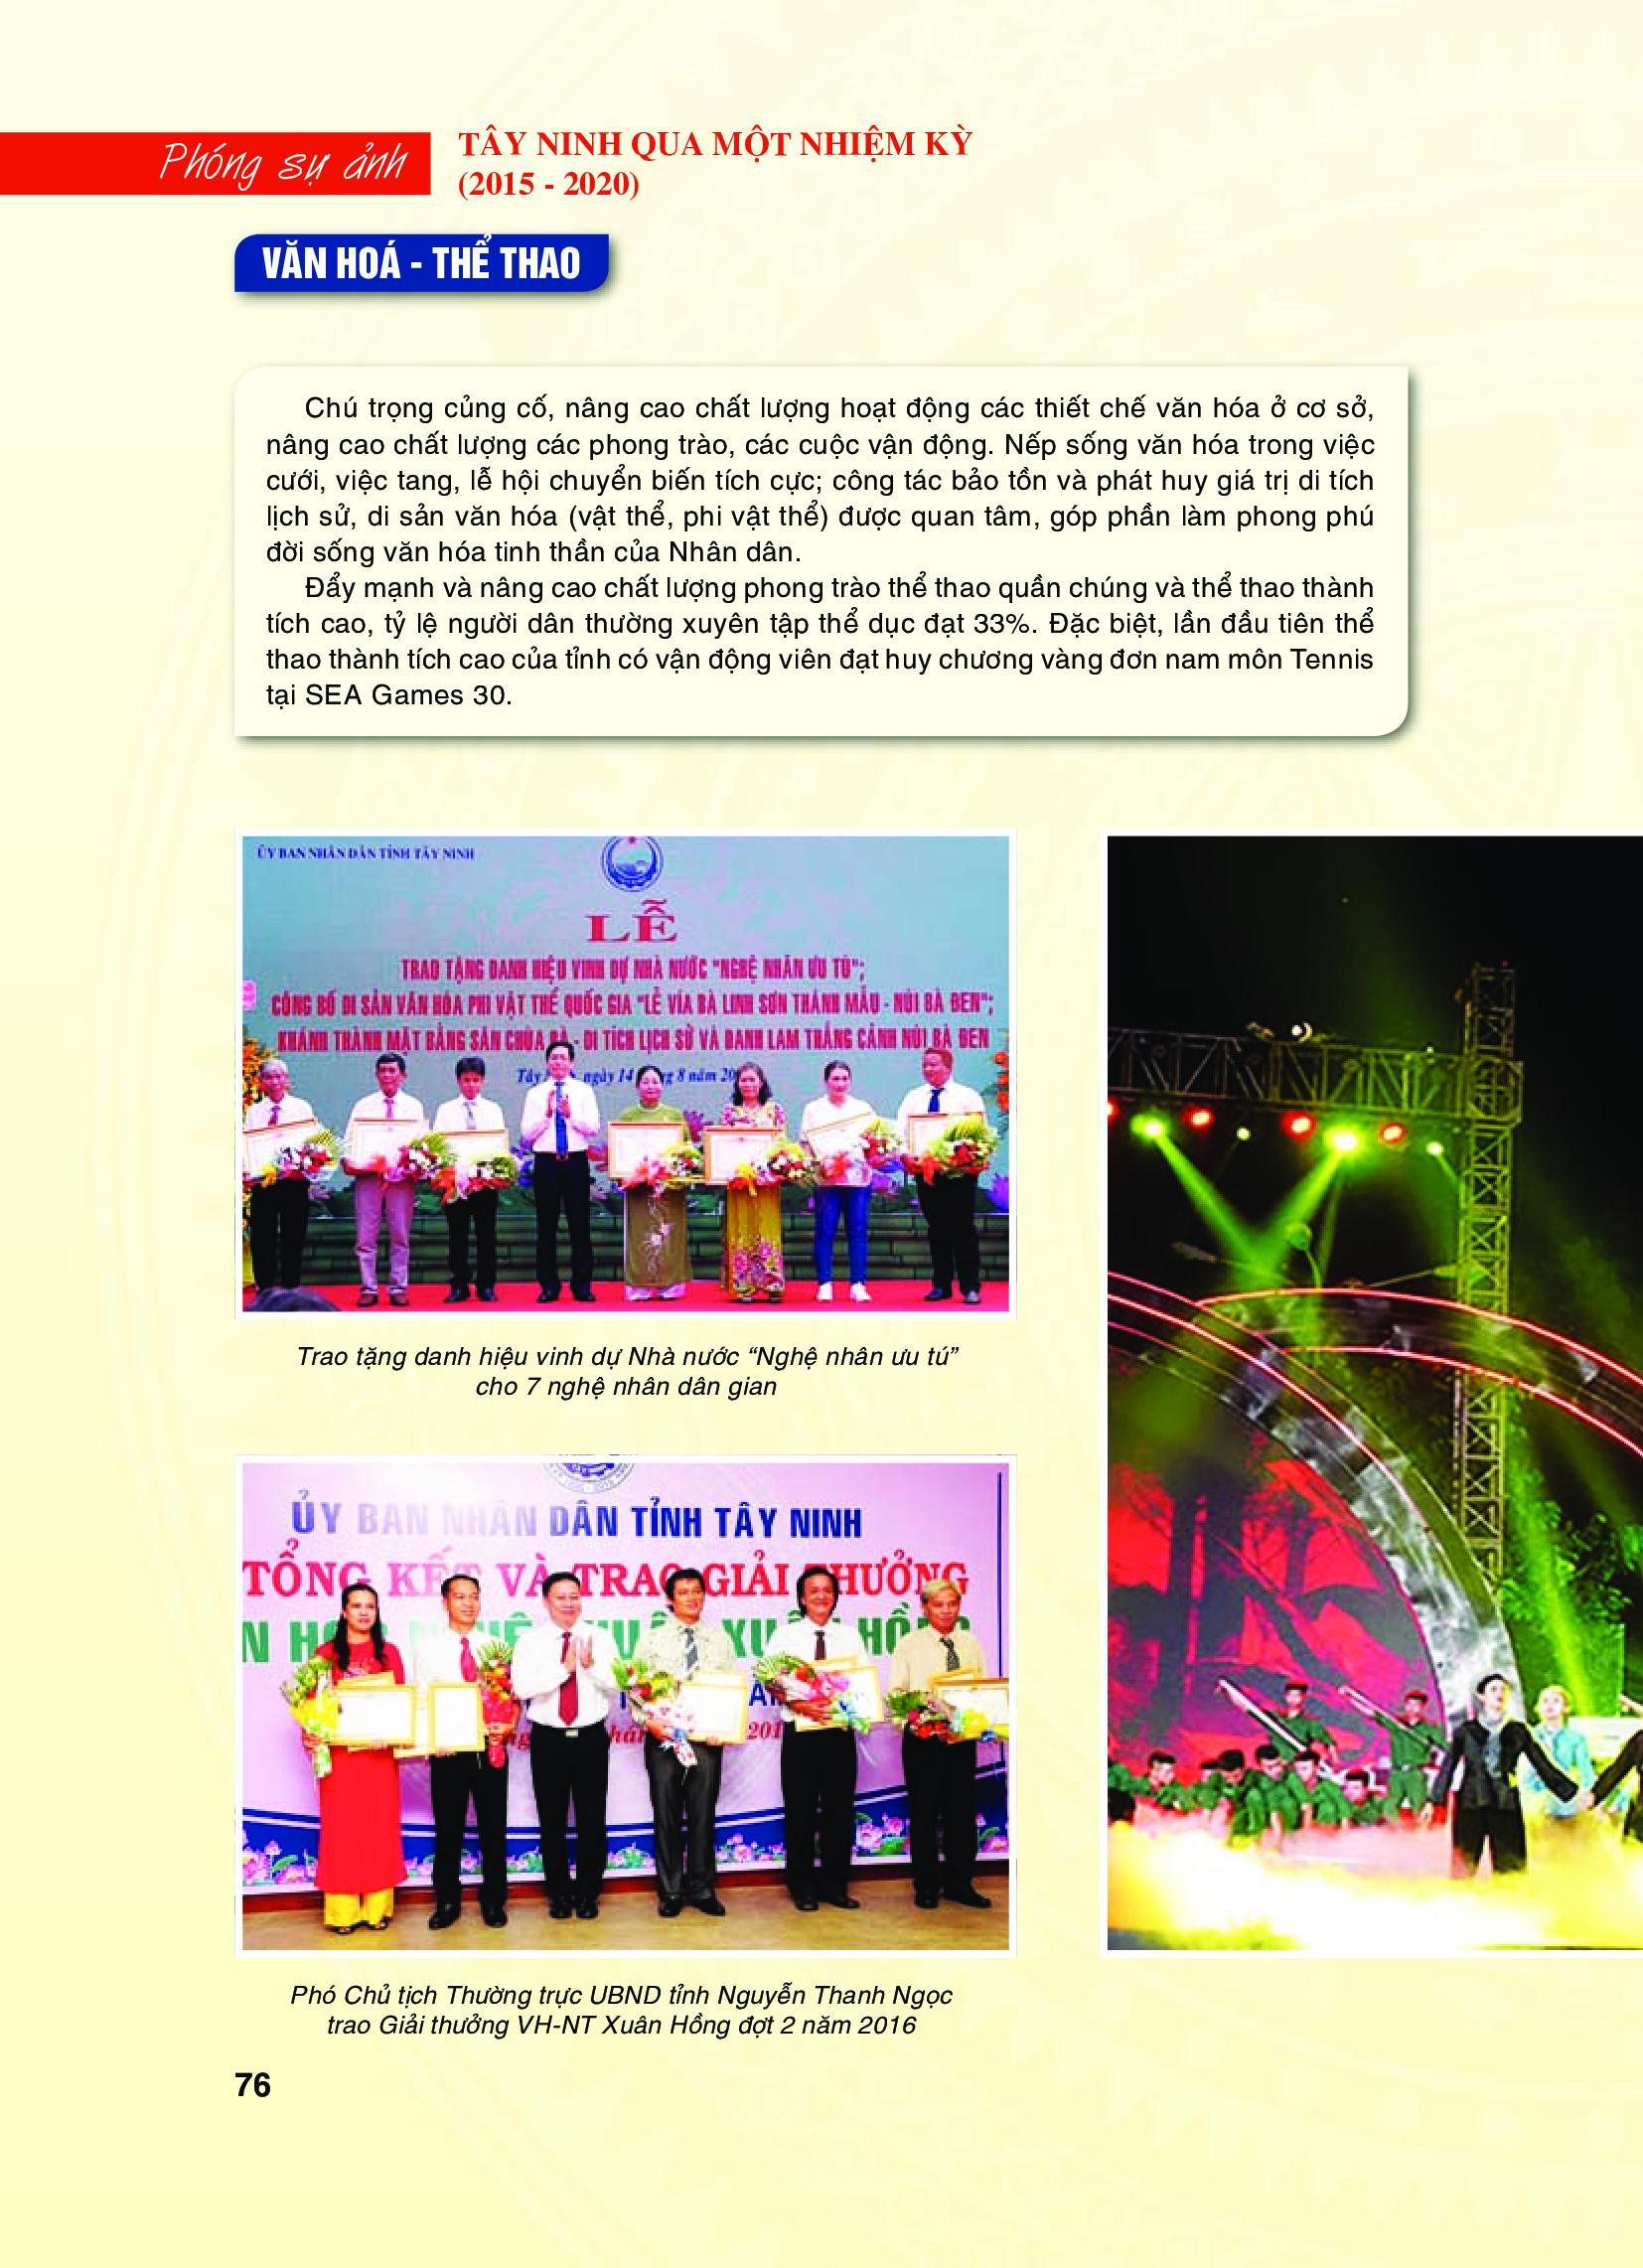 Tây Ninh qua một nhiệm kỳ (2015 - 2020): Thành tựu về Văn hoá - Xã hội